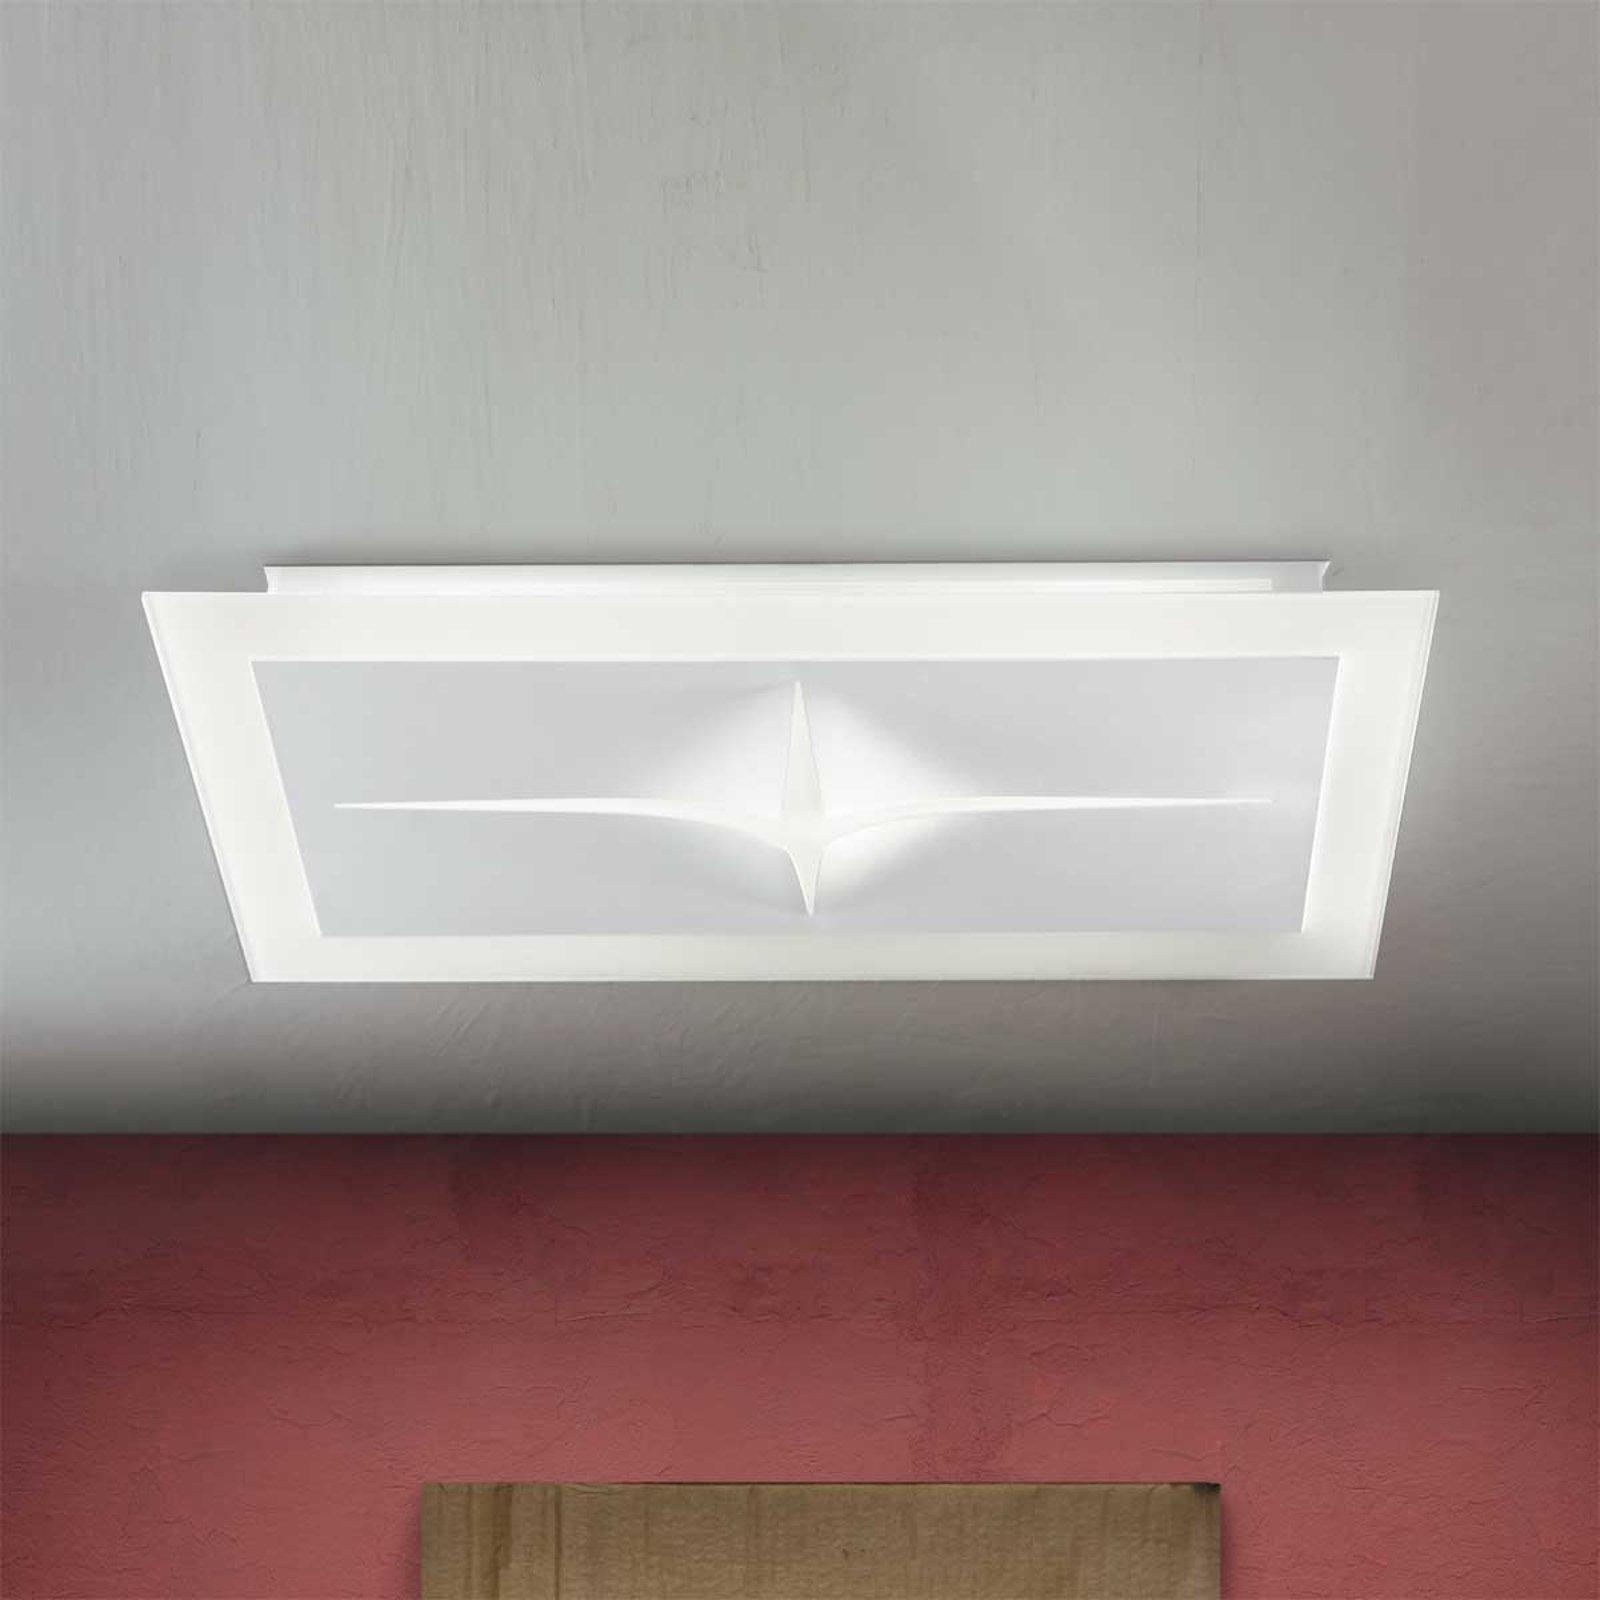 Kreativ taklampe CROSS 8195, E27, 72 cm